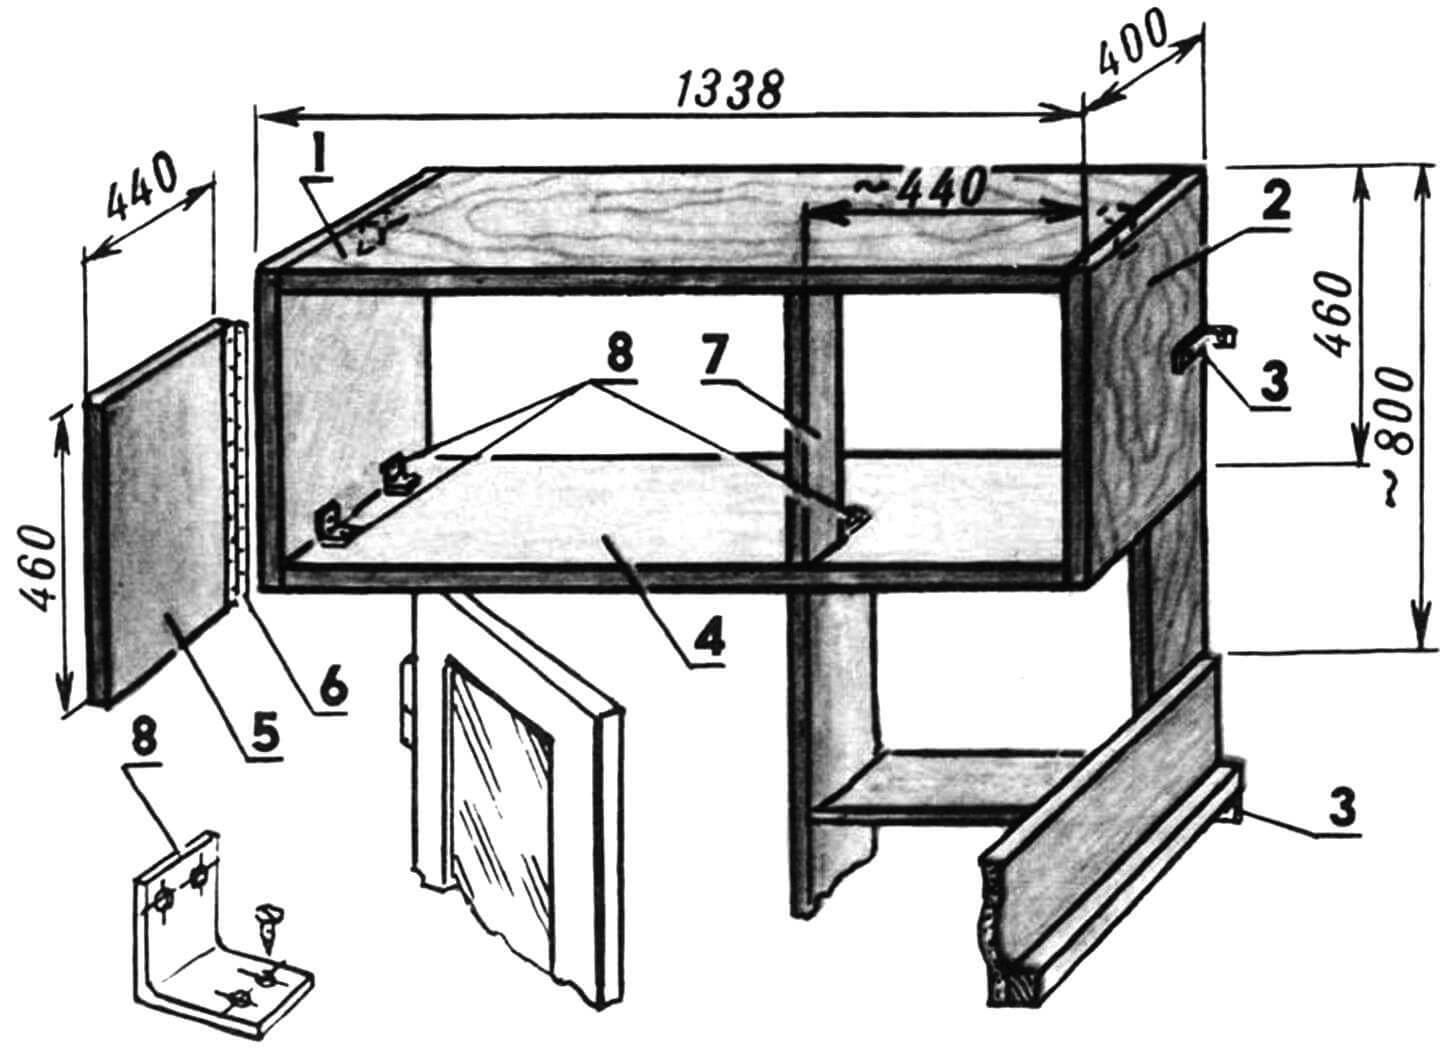 Антресоль: 1 — крышка; 2 — боковина; 3 — уголки крепления к стене; 4 — днище; 5 — дверка (3 шт.); 6 — петля рояльная (3 шт.); 7 — стойка; 8 — уголок мебельный (8 шт.).